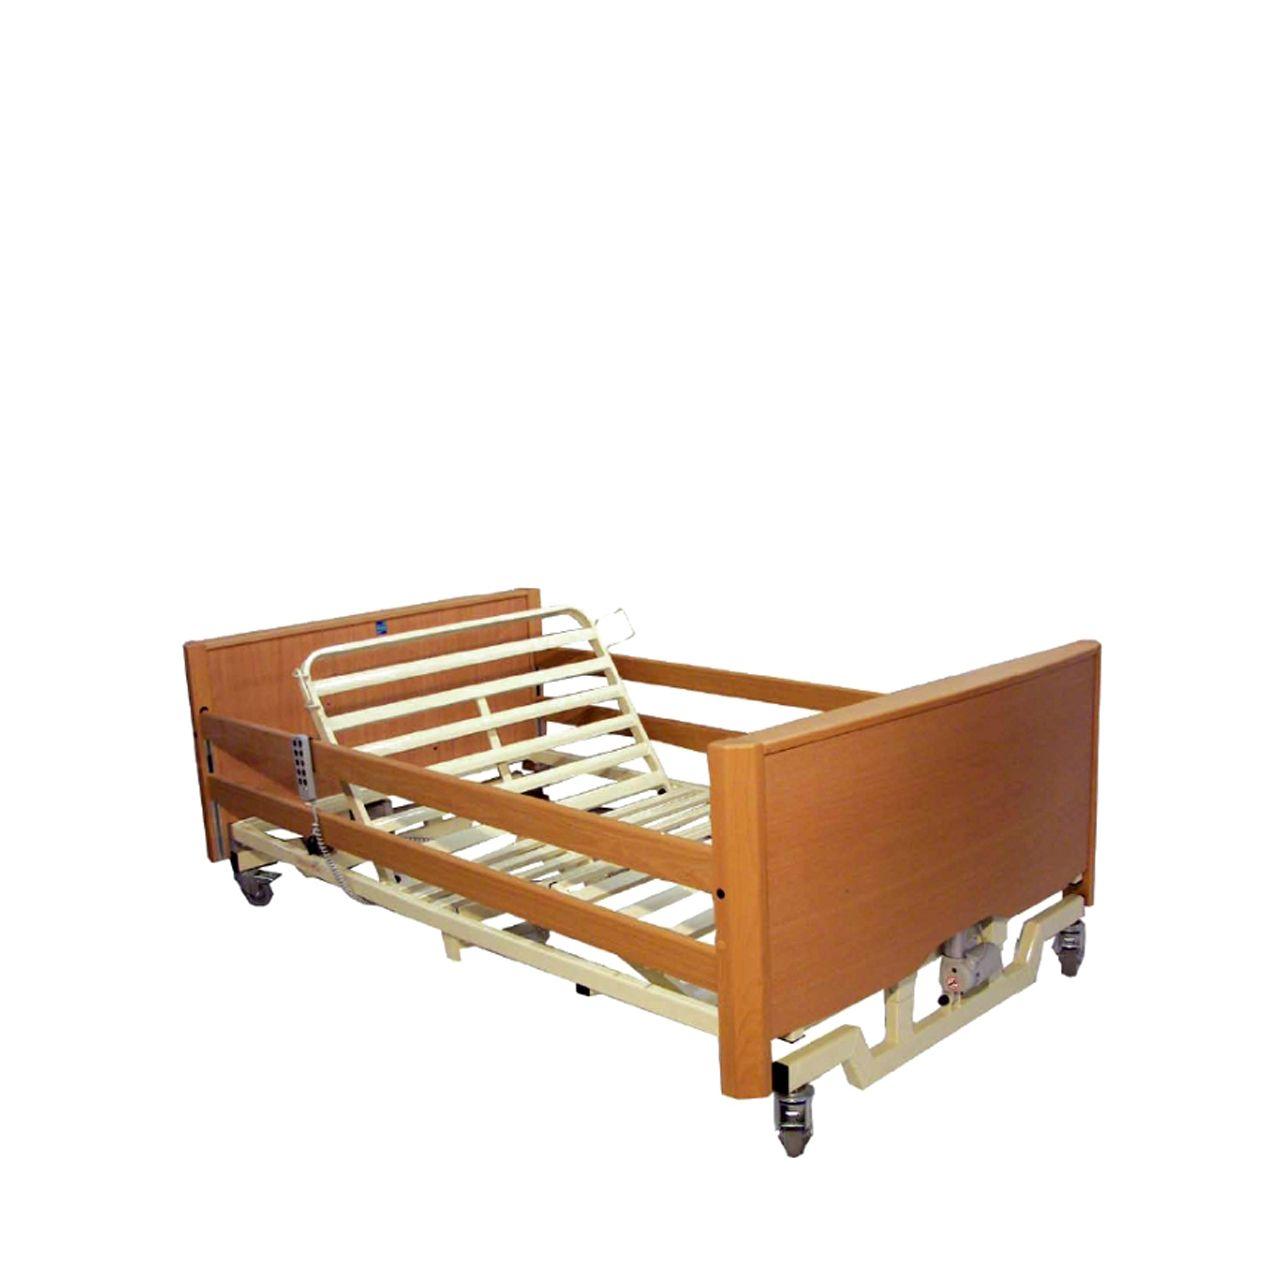 Xxl bed comfort luxe ARTNRNNB 0000s 0000 Voorkant